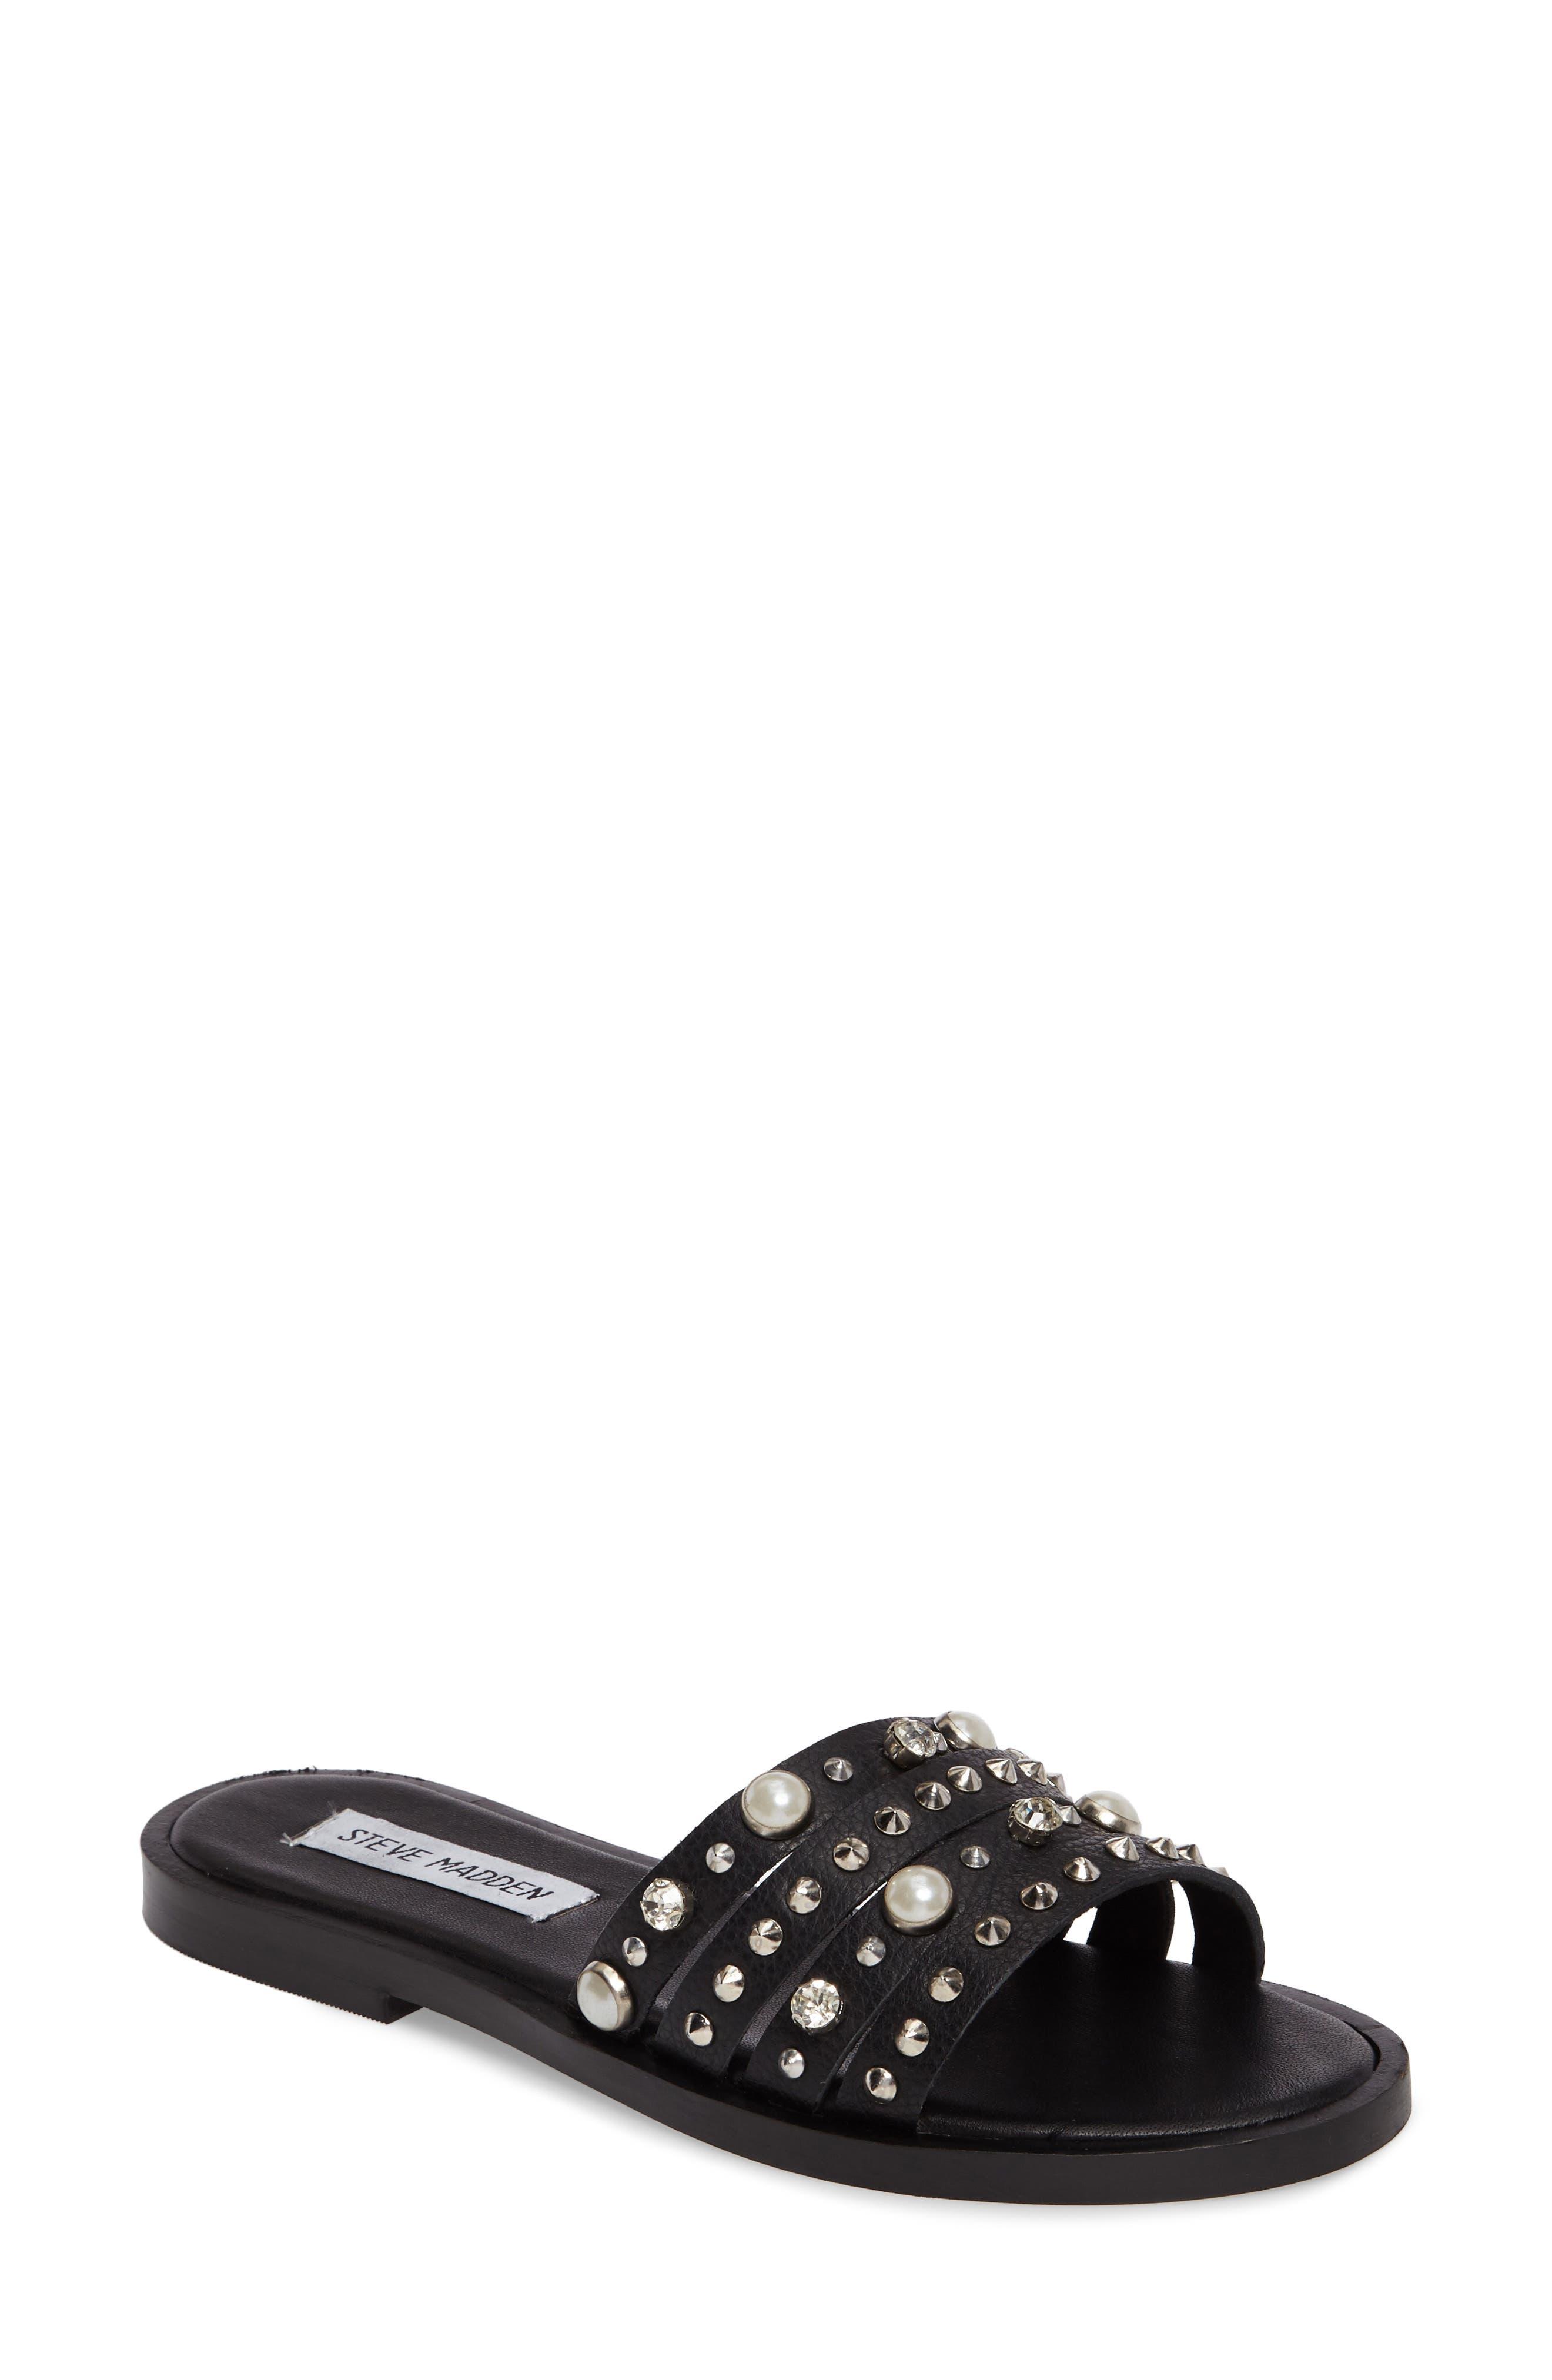 Alternate Image 1 Selected - Steve Madden Galaxy Slide Sandal (Women)